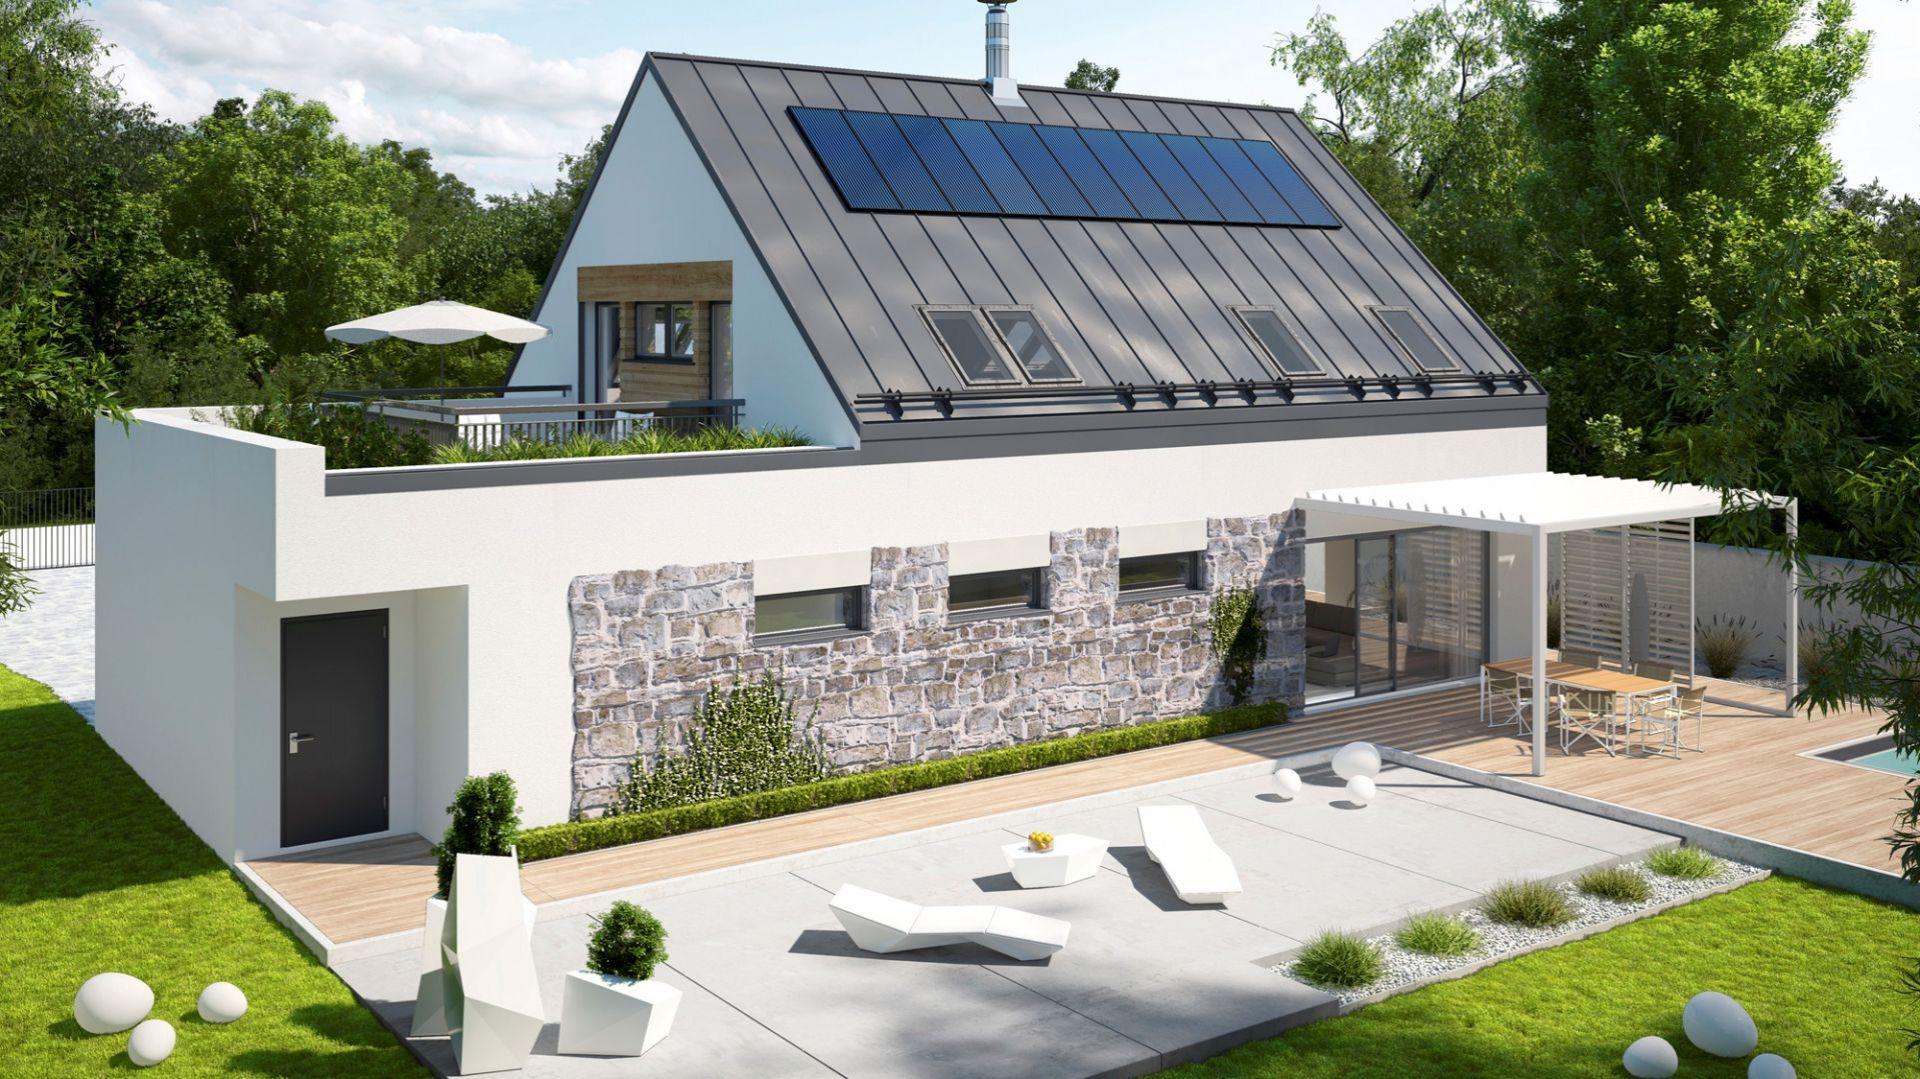 Projekt domu energooszczędnego: Sam II G2 Energo Plus. Fot. Pracownia Projektowa Archipelag